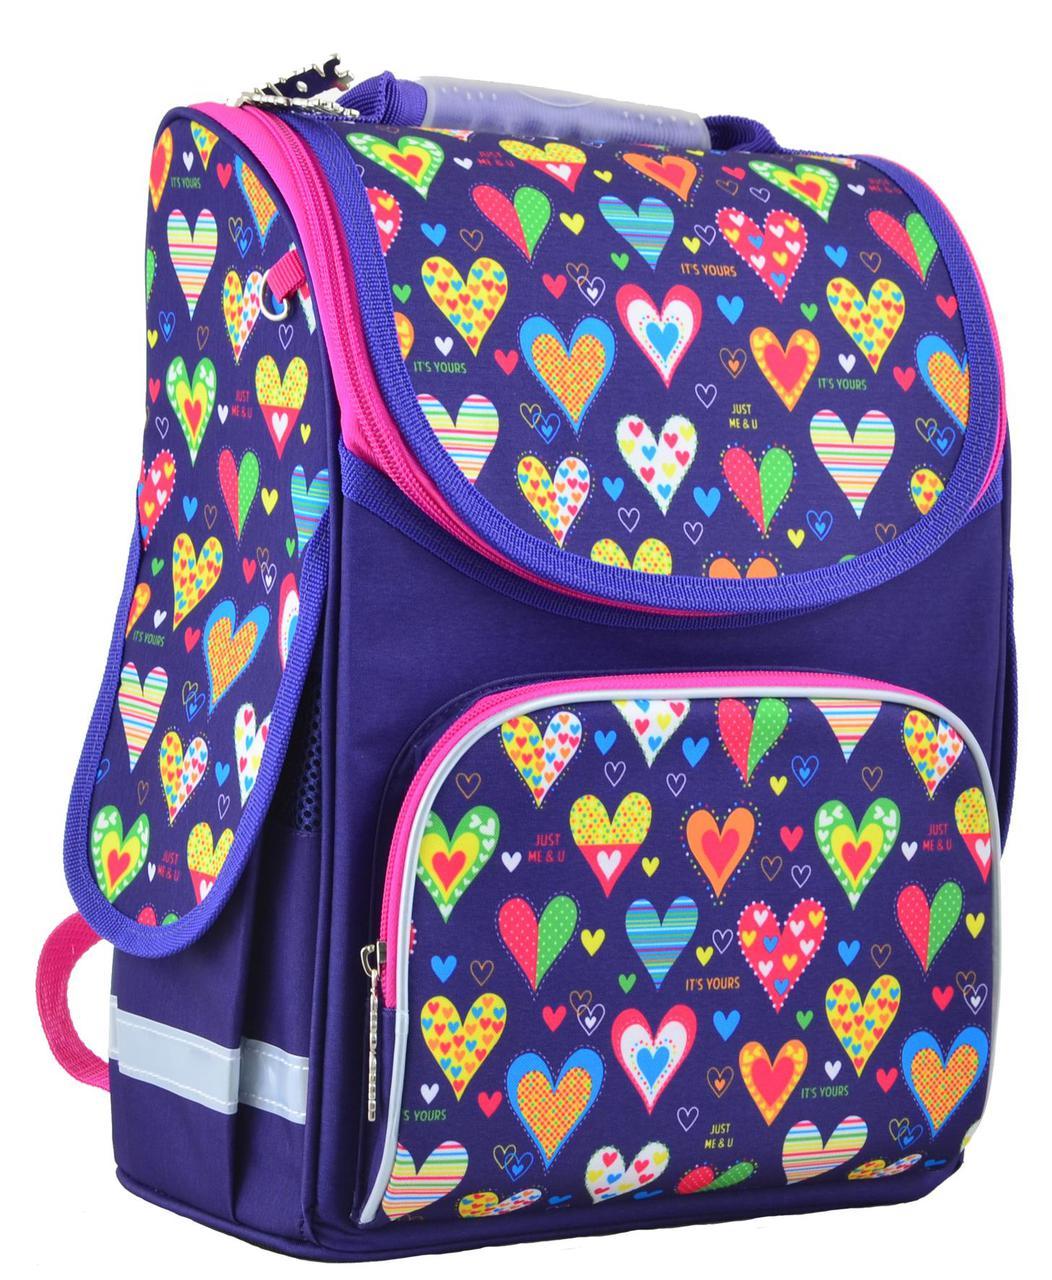 Рюкзак каркасный PG-11 Hearts blue 554438, фото 1